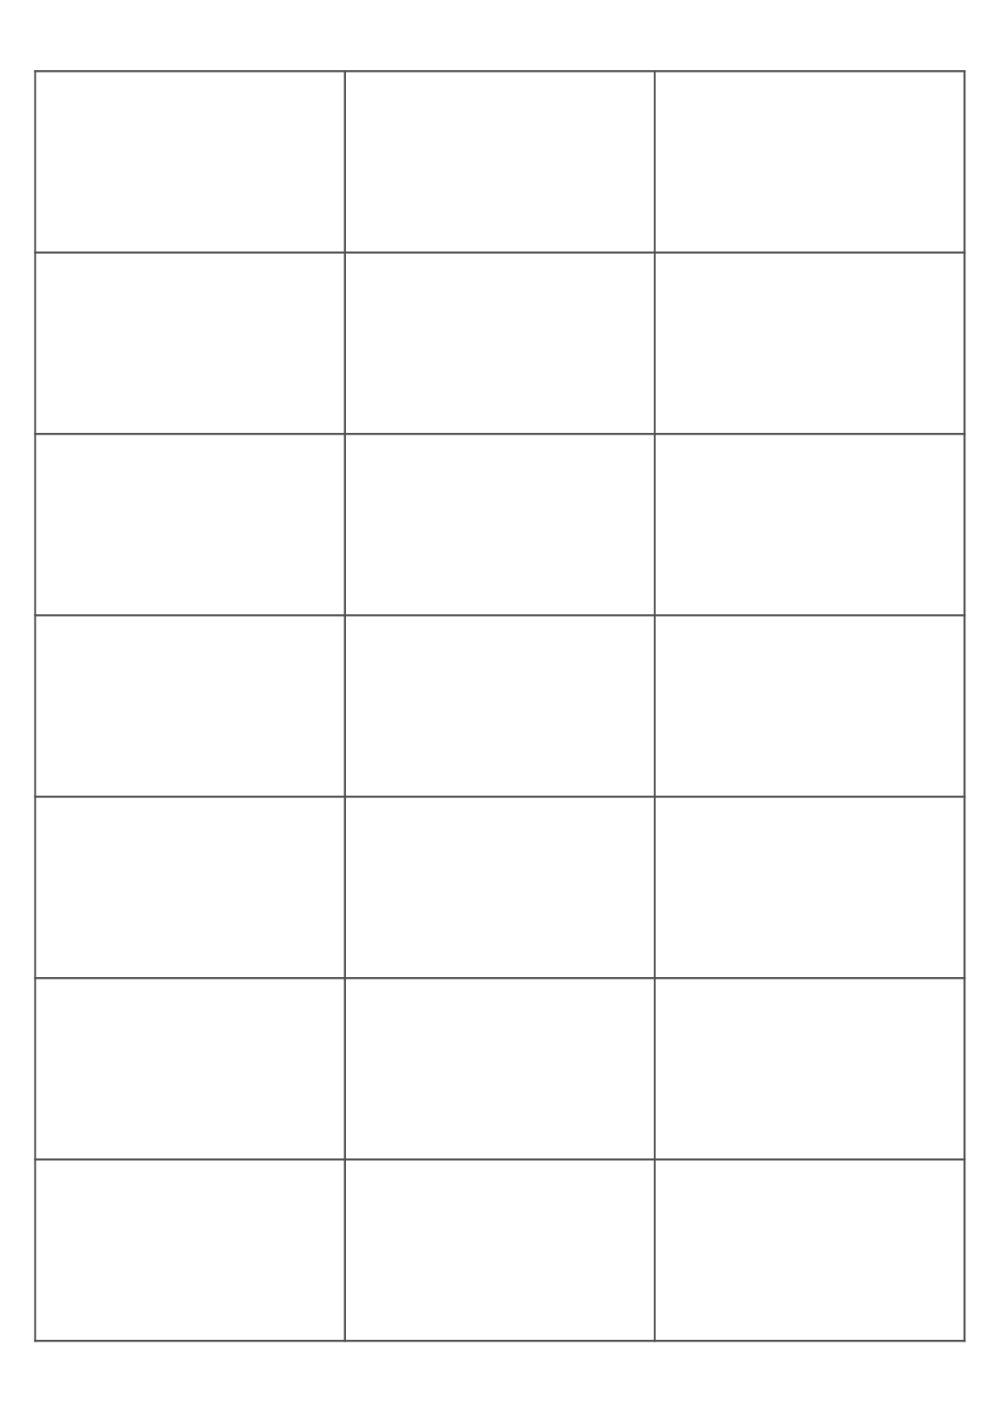 Tableau mod le d 39 utilisation des tiquettes bdrp - Etiquette plan de table a imprimer gratuit ...